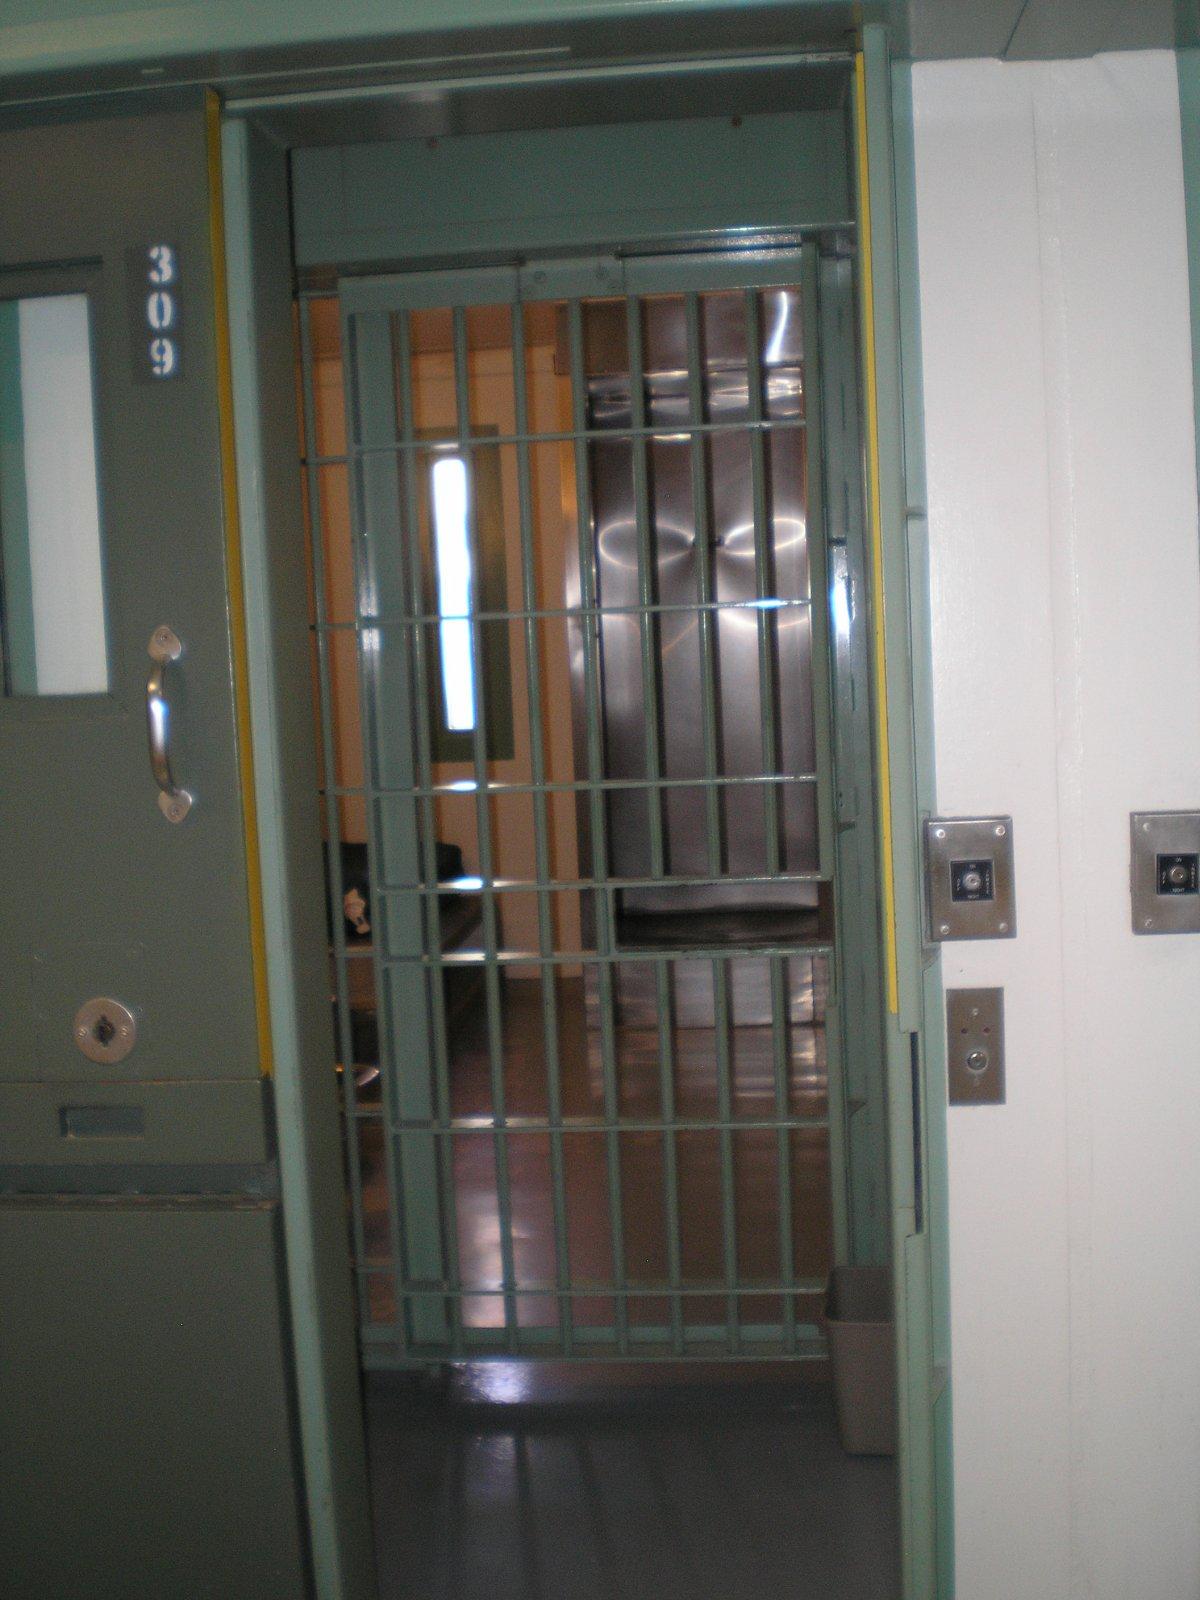 За дверьми в камеру находятся еще одни — решетчатые, для взаимодействия охраны с заключенными. Больш